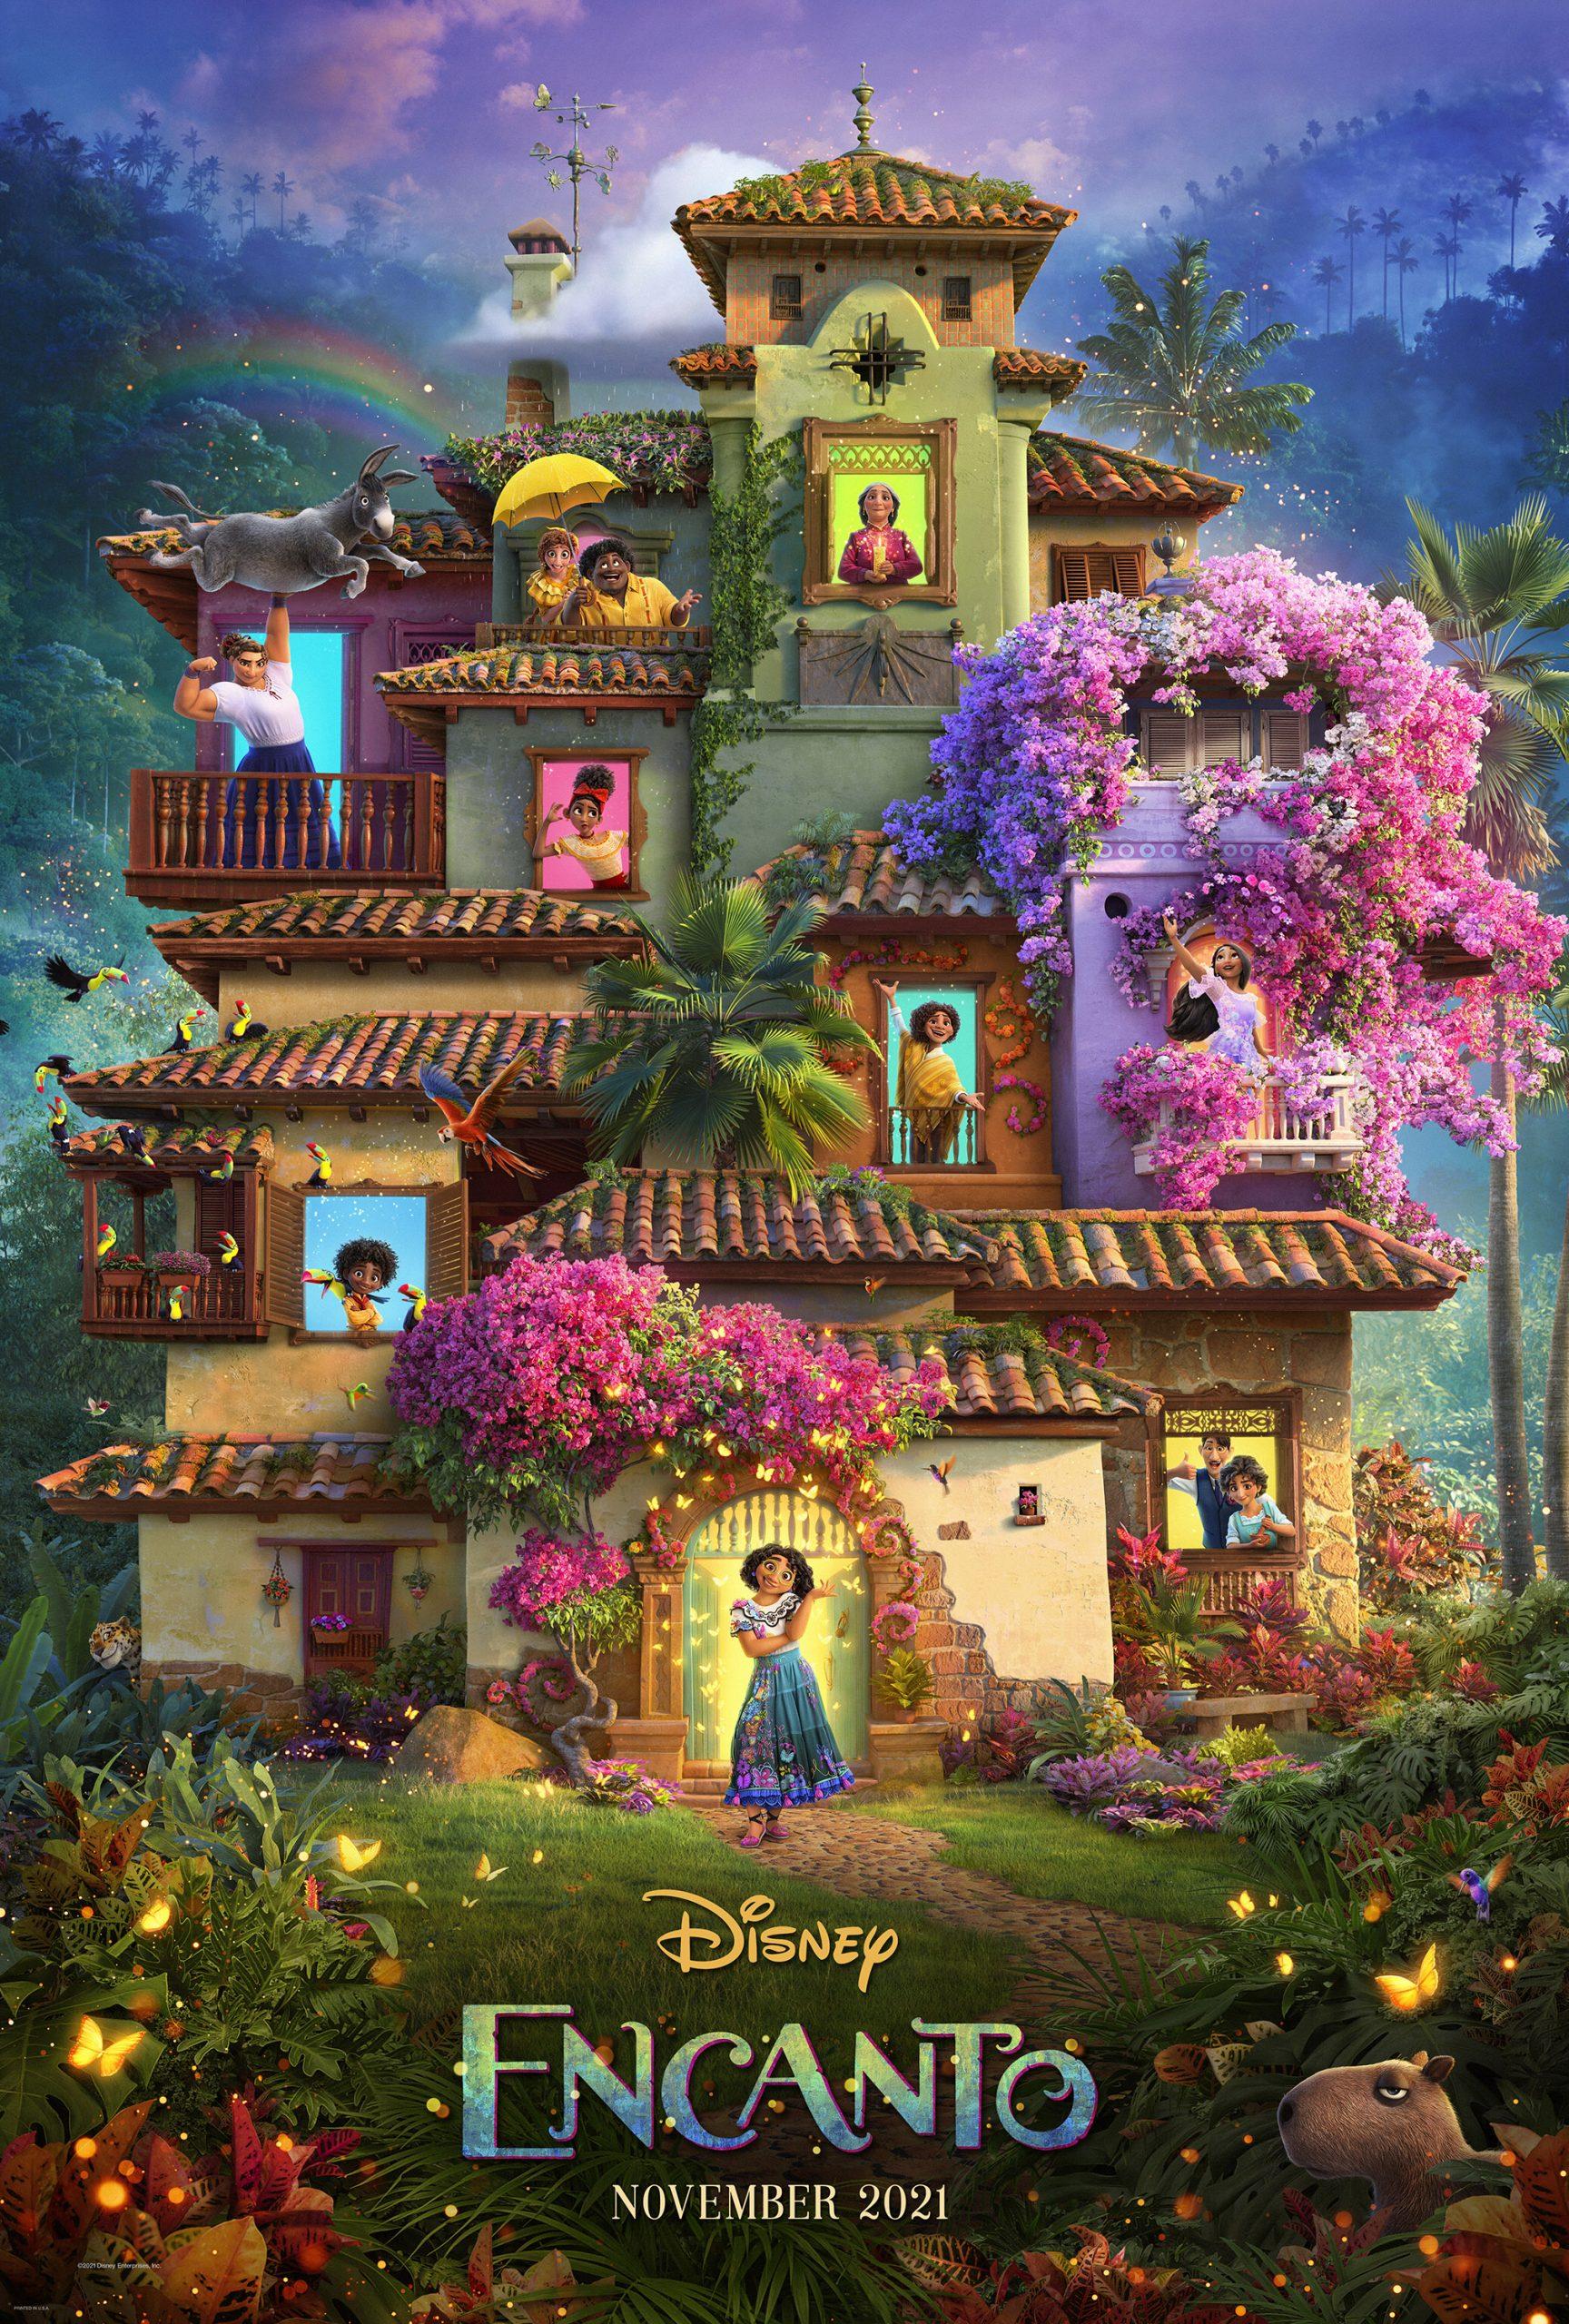 New Movie: Disney Encanto Starring Stephanie Beatriz